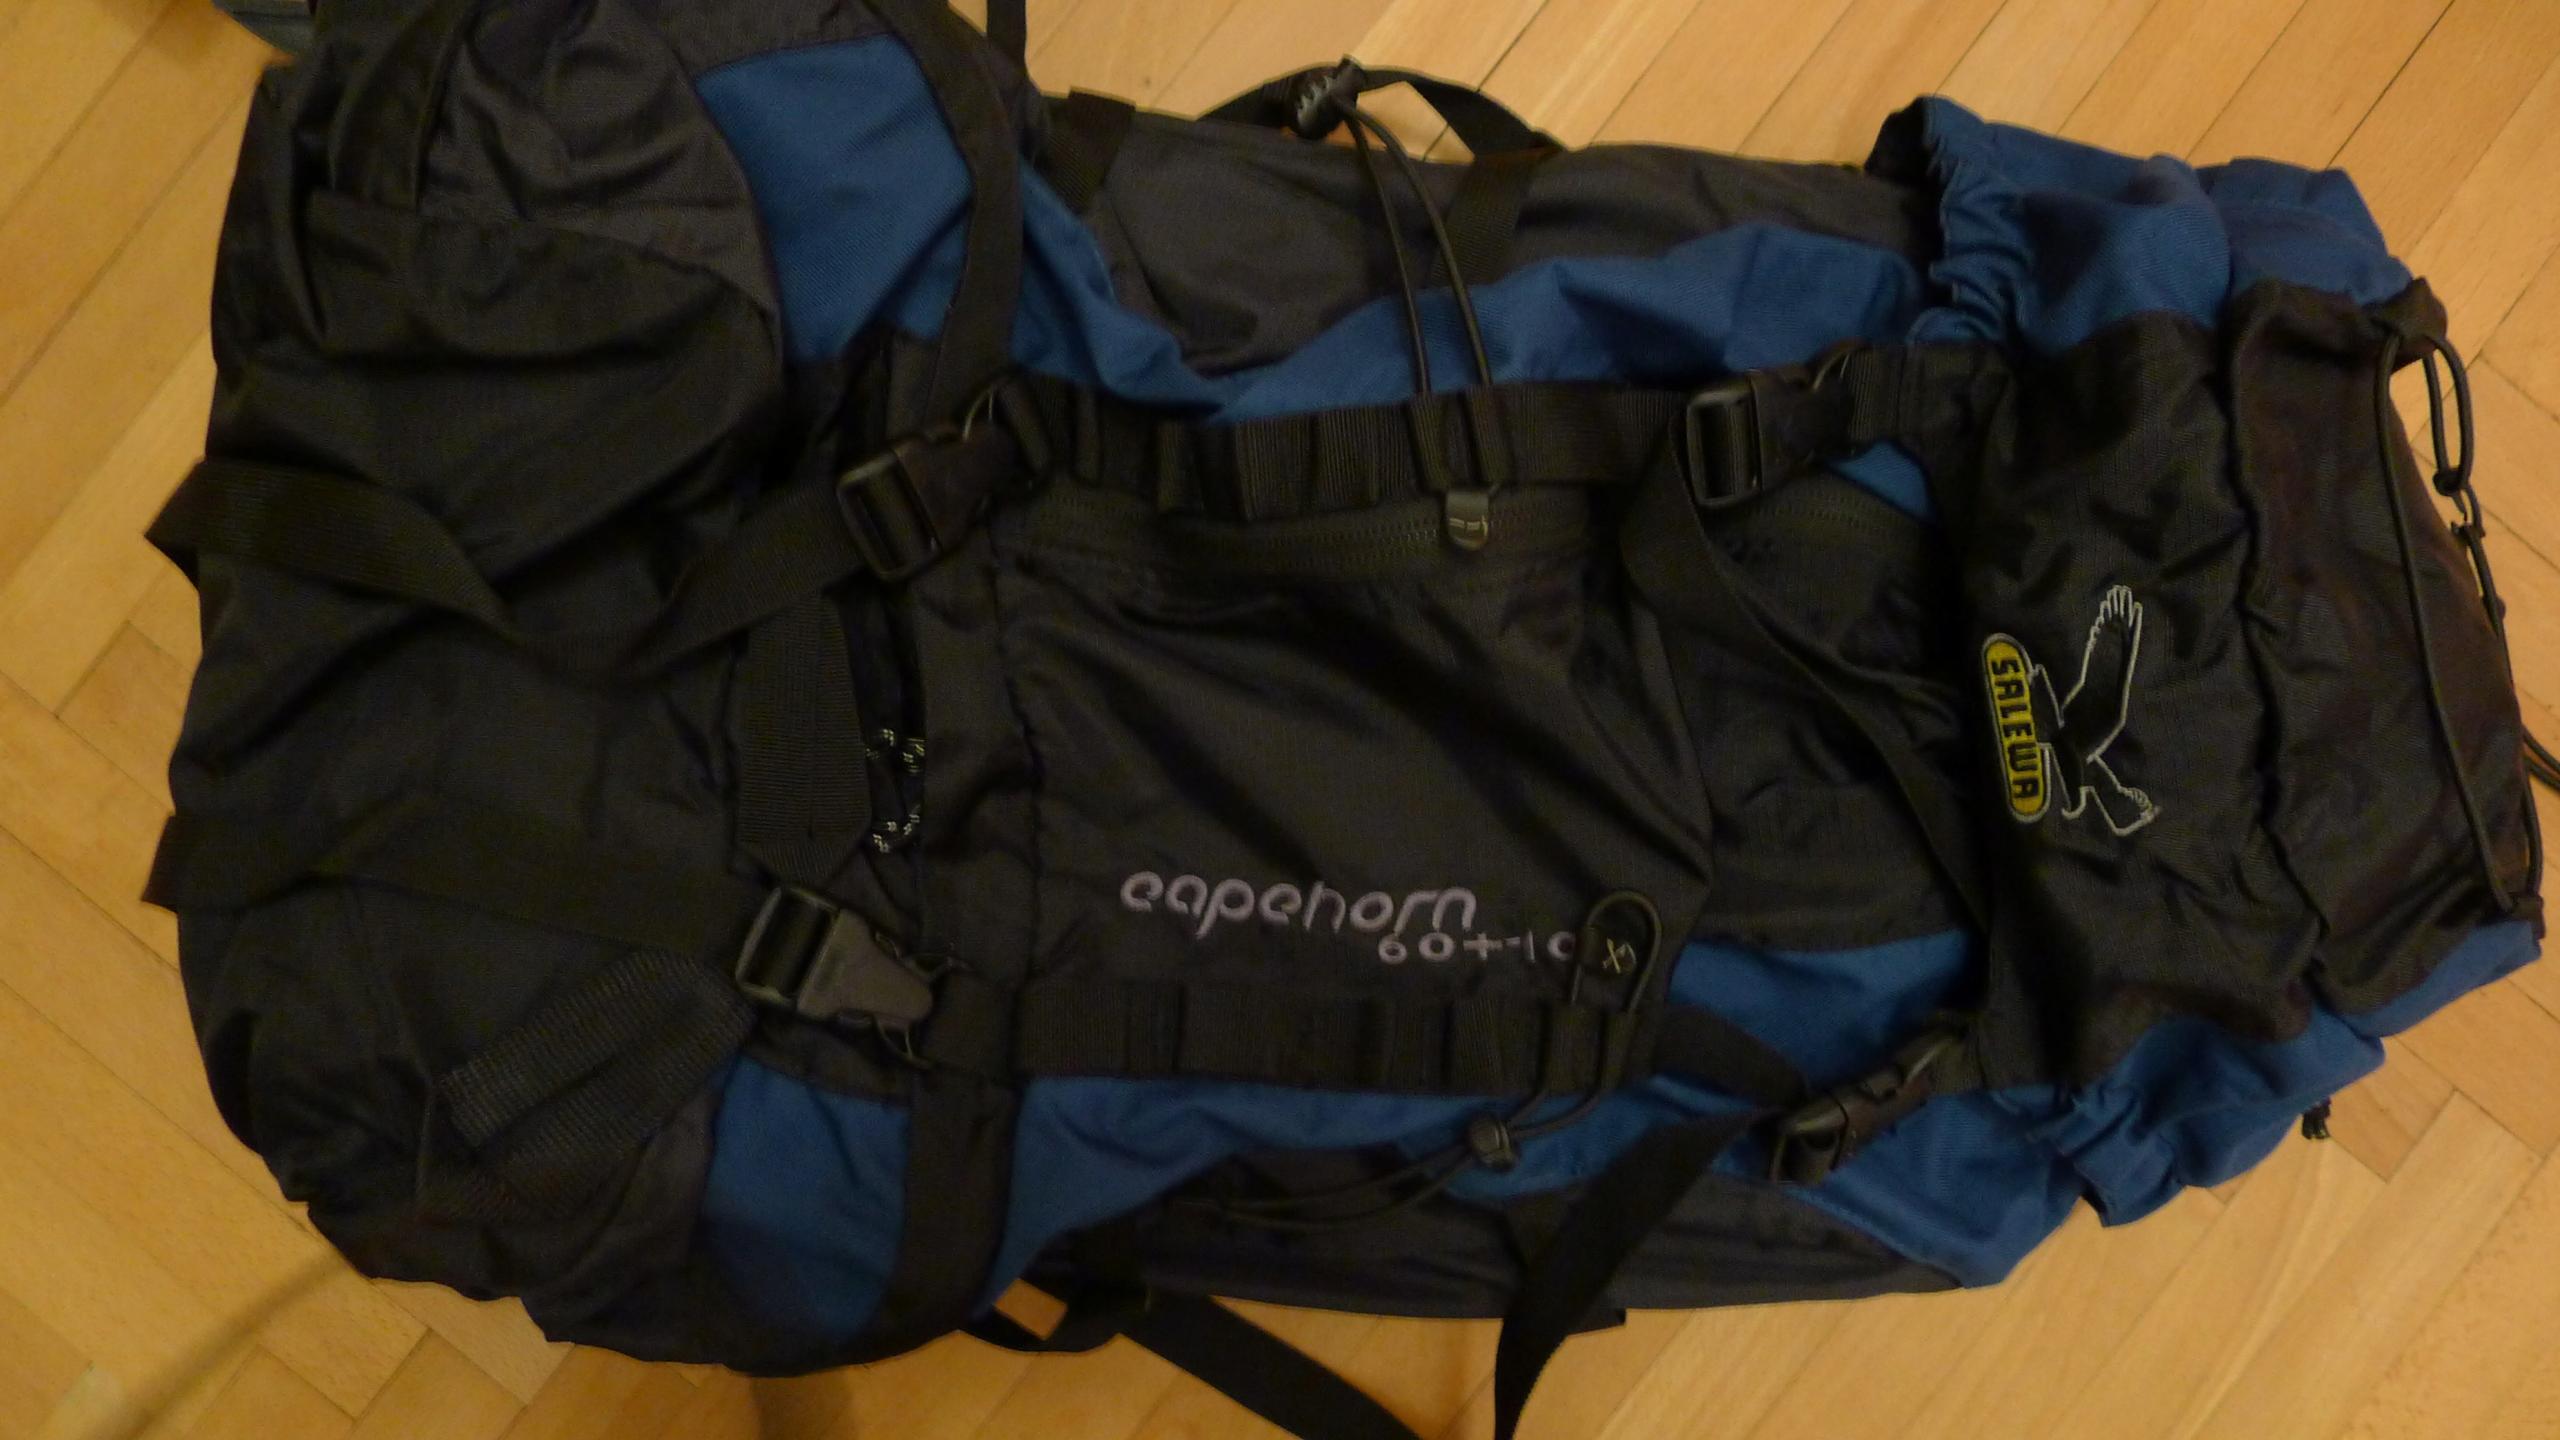 plecak turystyczny Salewa Capehorn 60+10